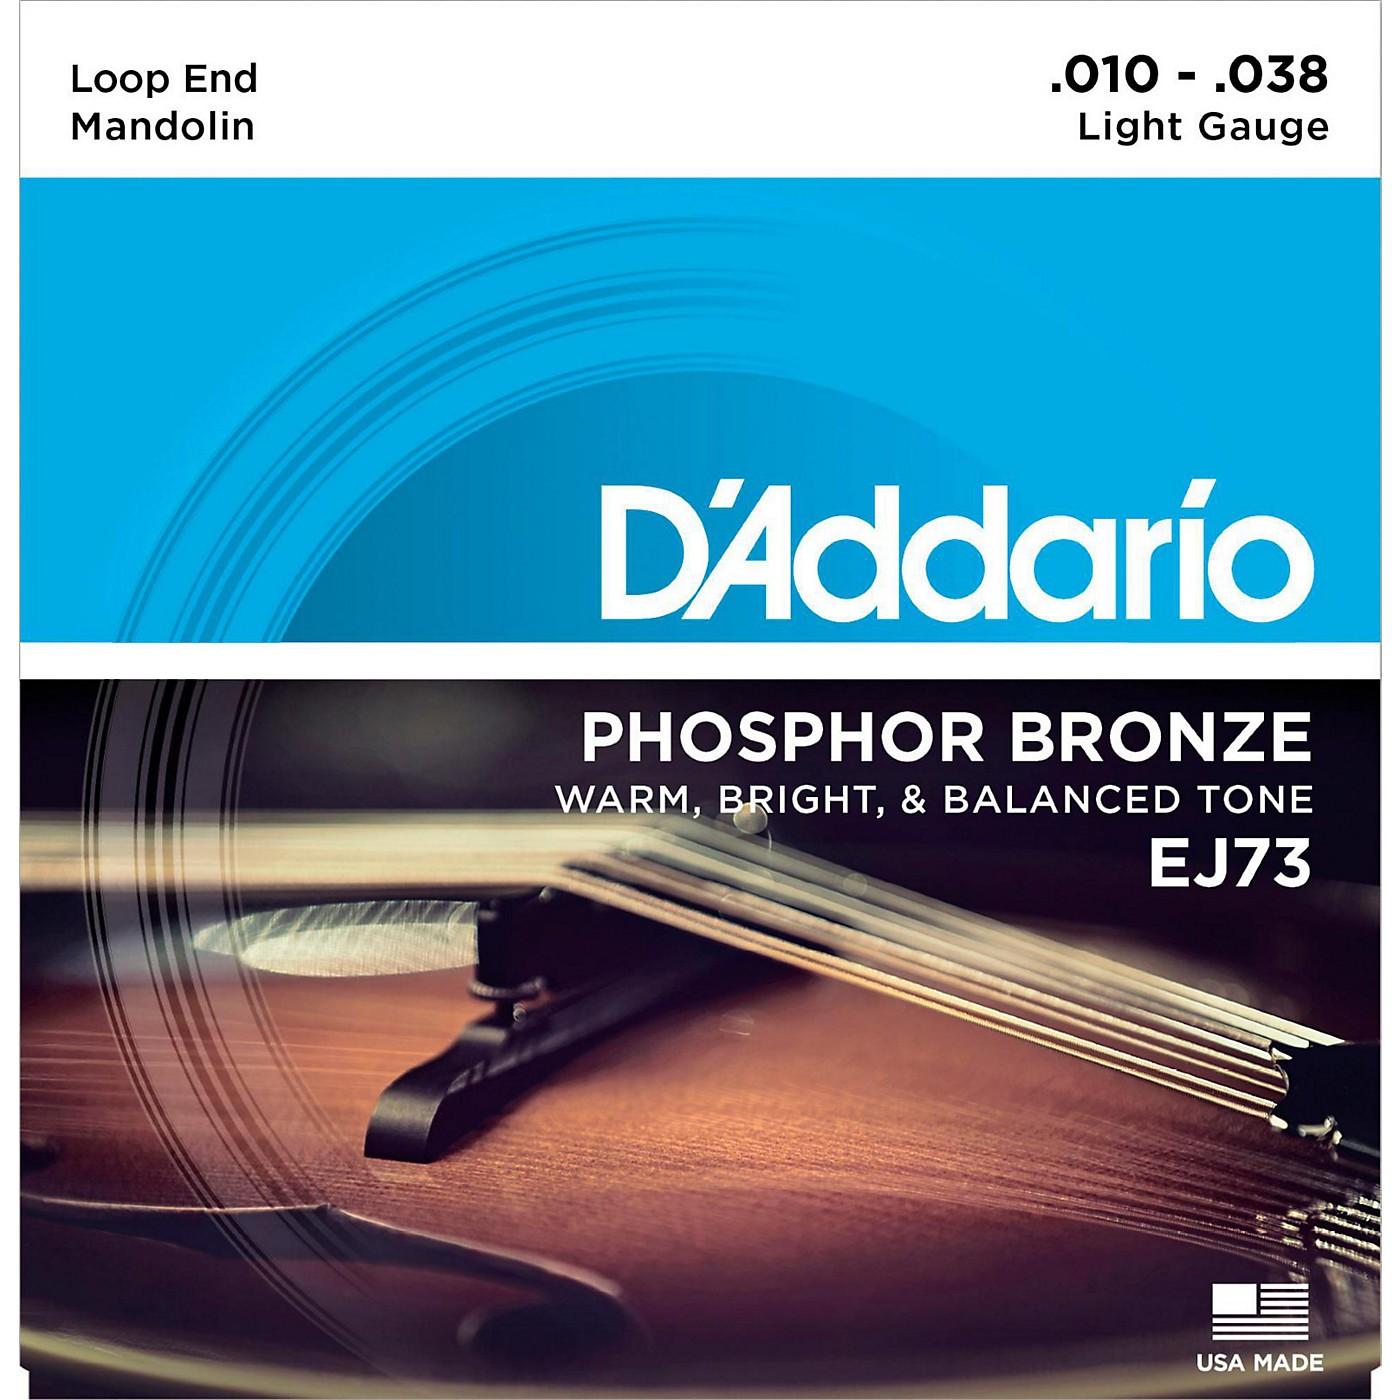 D'Addario EJ73 Phosphor Bronze Light Mandolin Strings (10-38) thumbnail